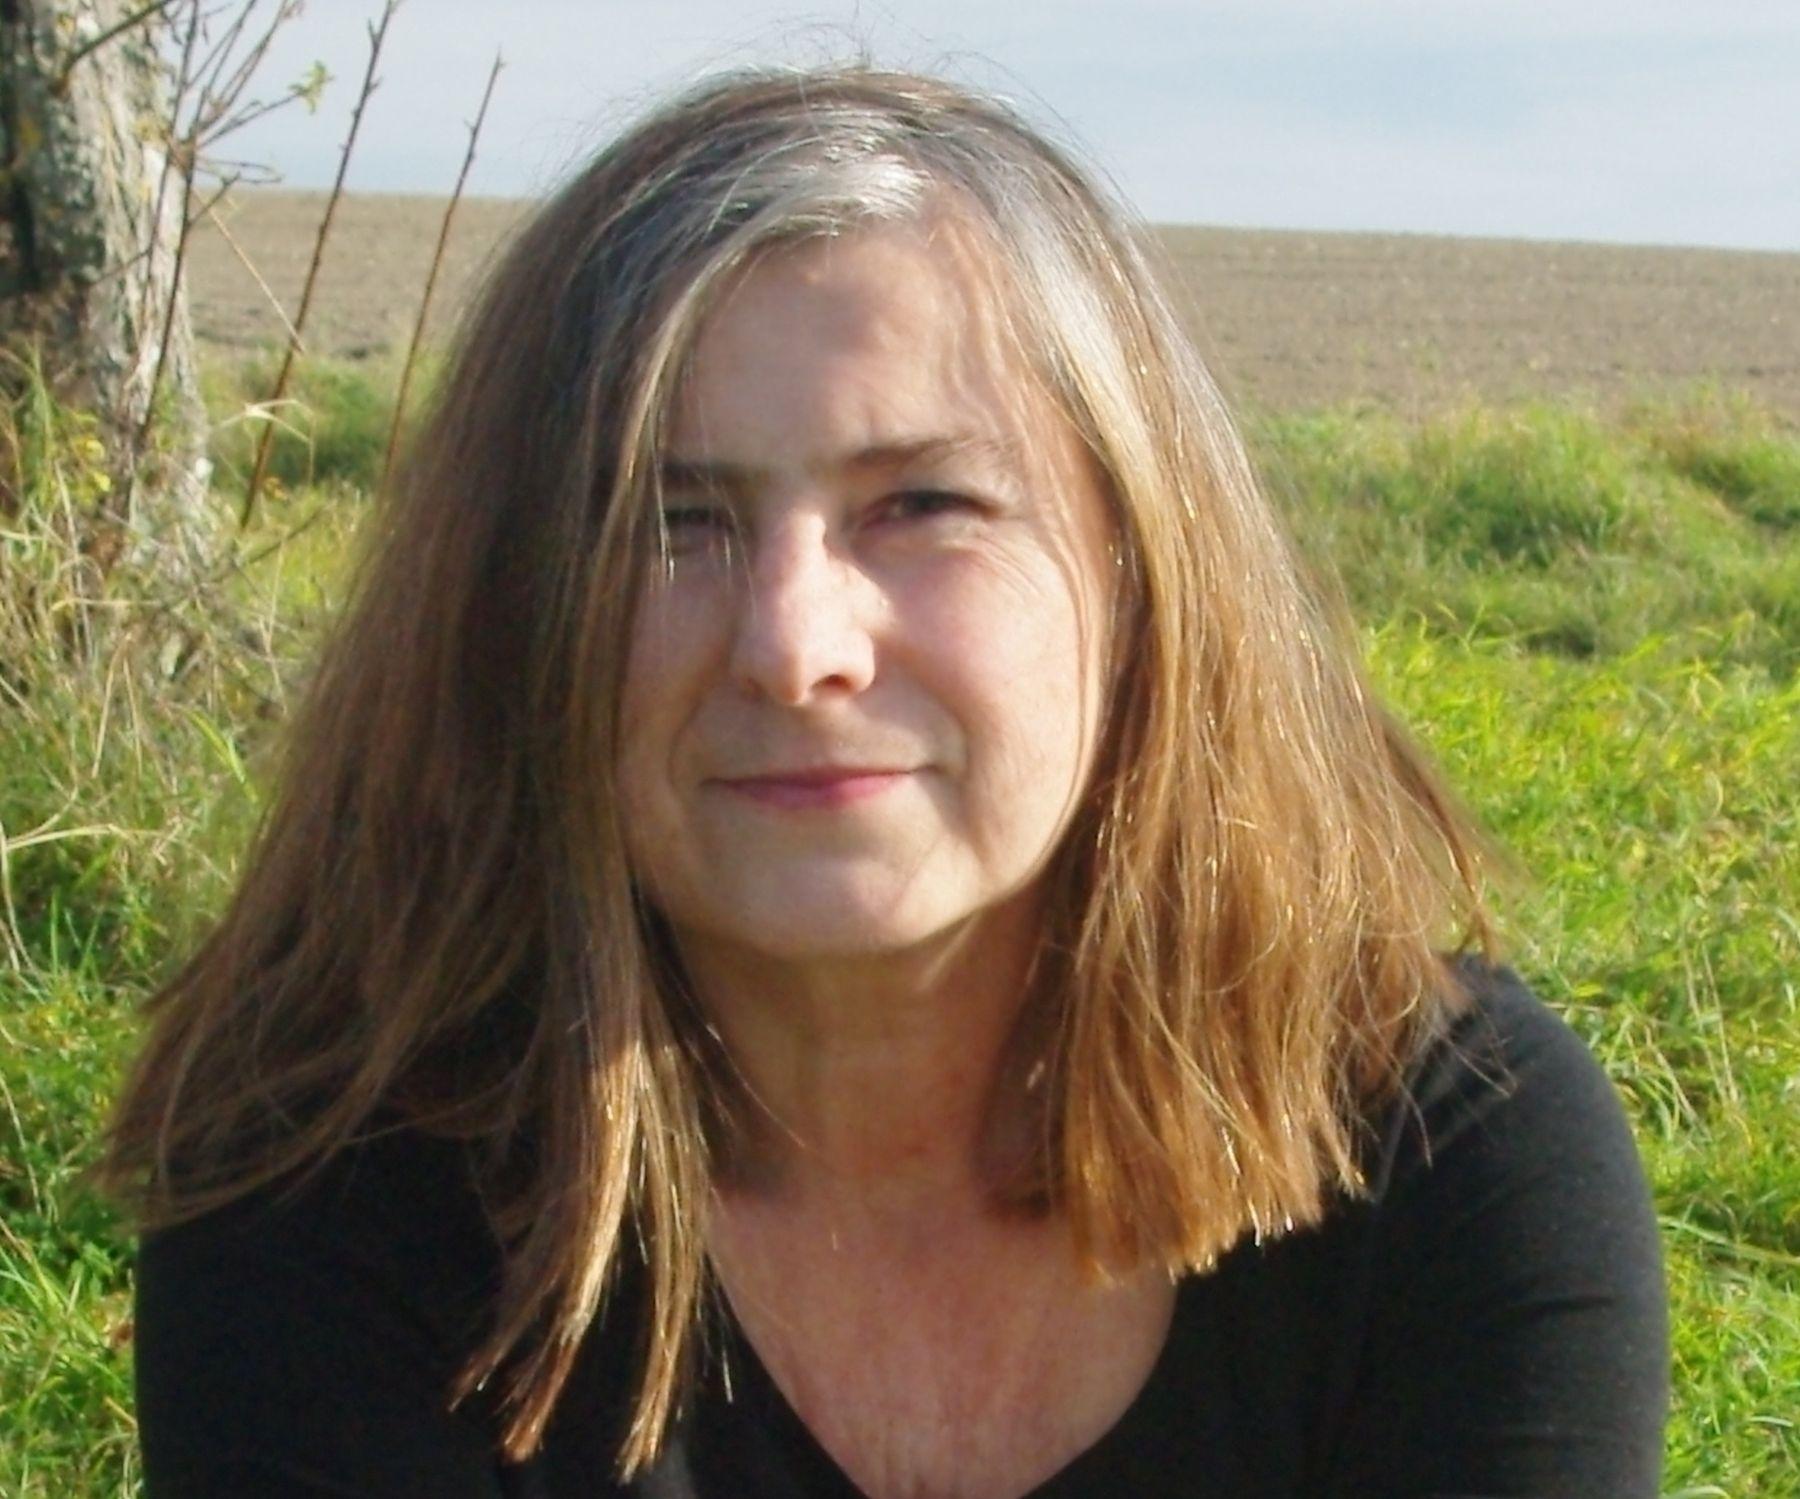 Das Bild zeigt ein Porträt von Grazyna Bednarczyk.